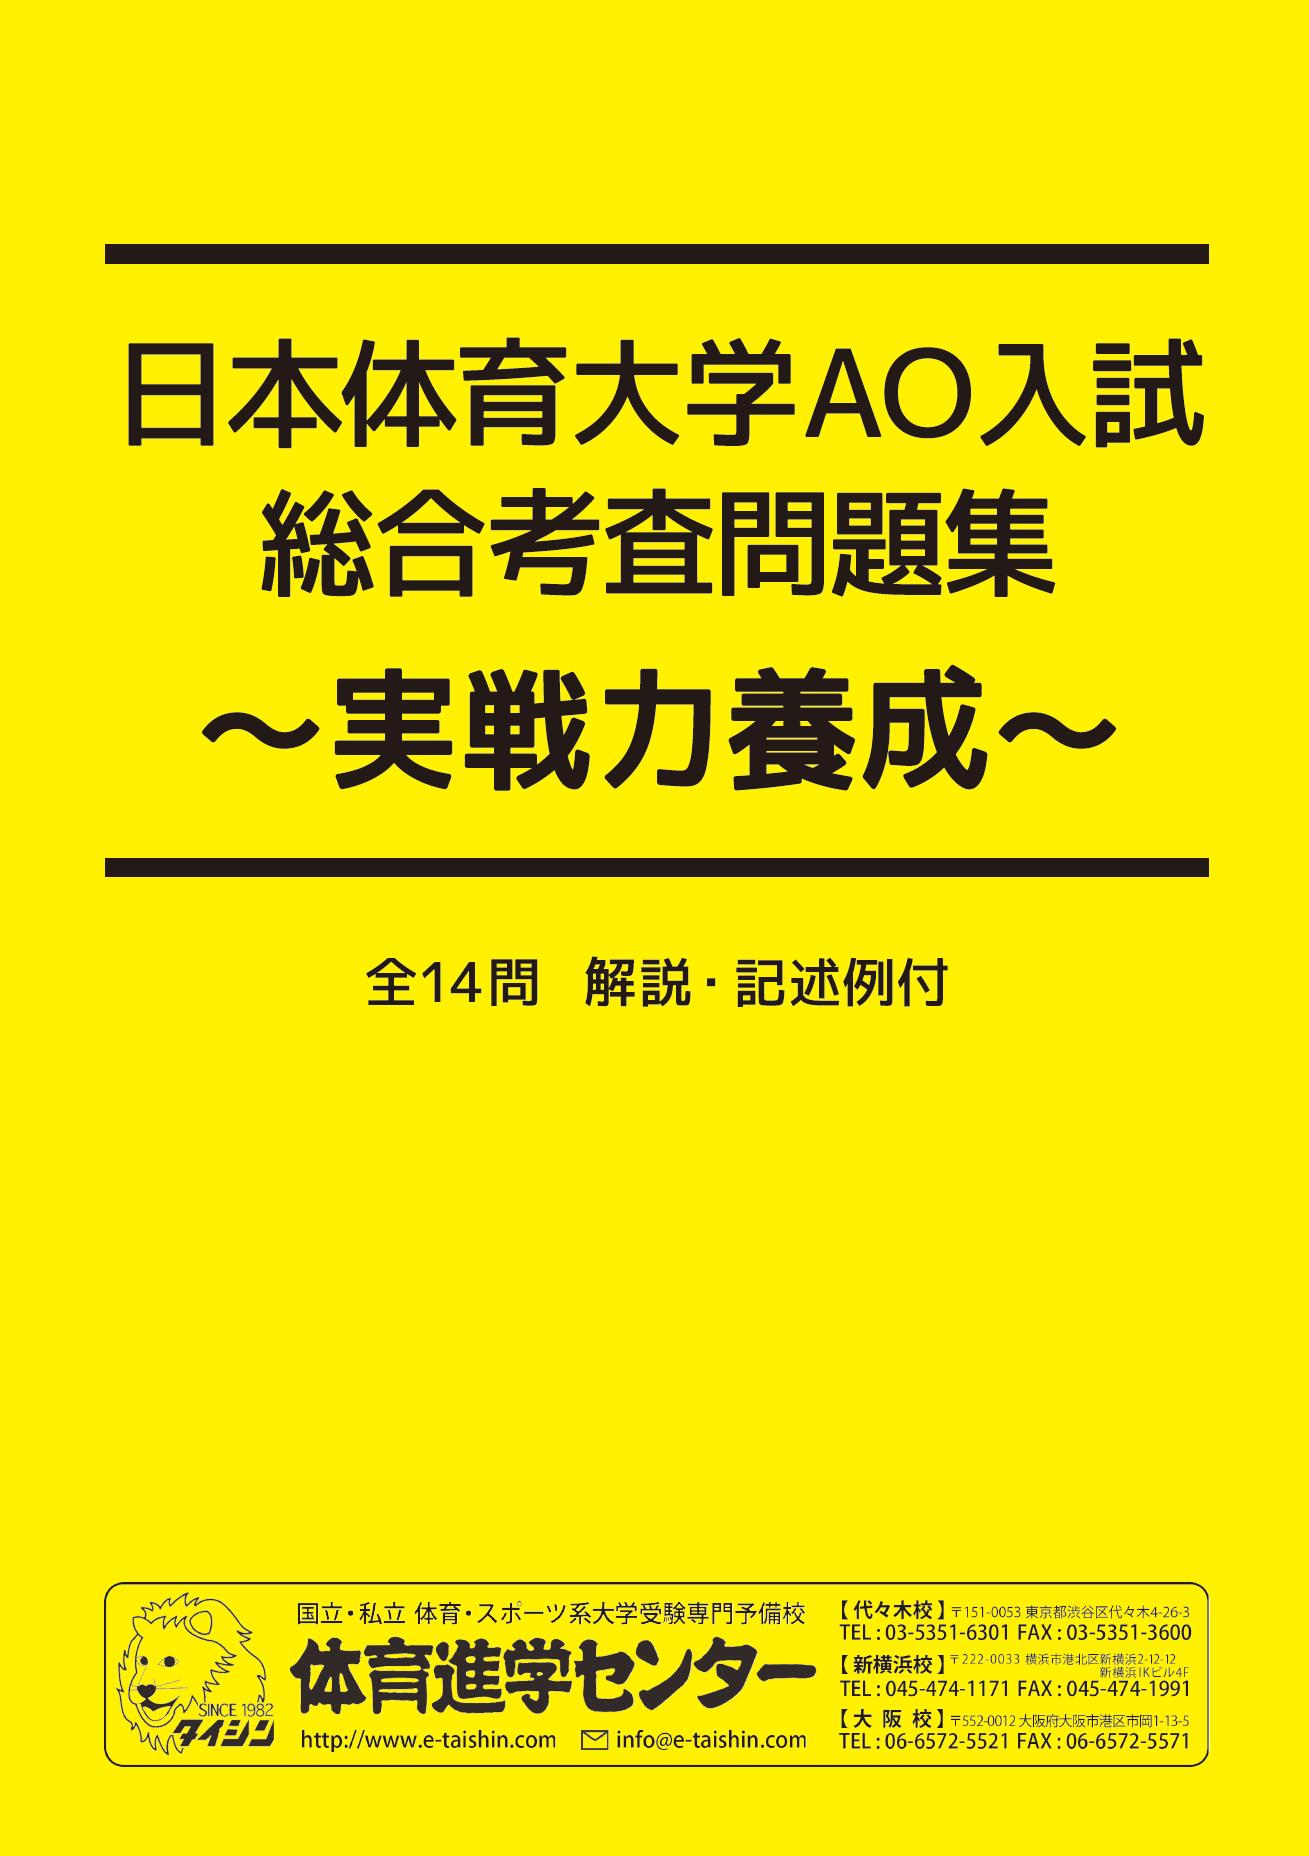 総合考査問題集(実践編)表紙.png